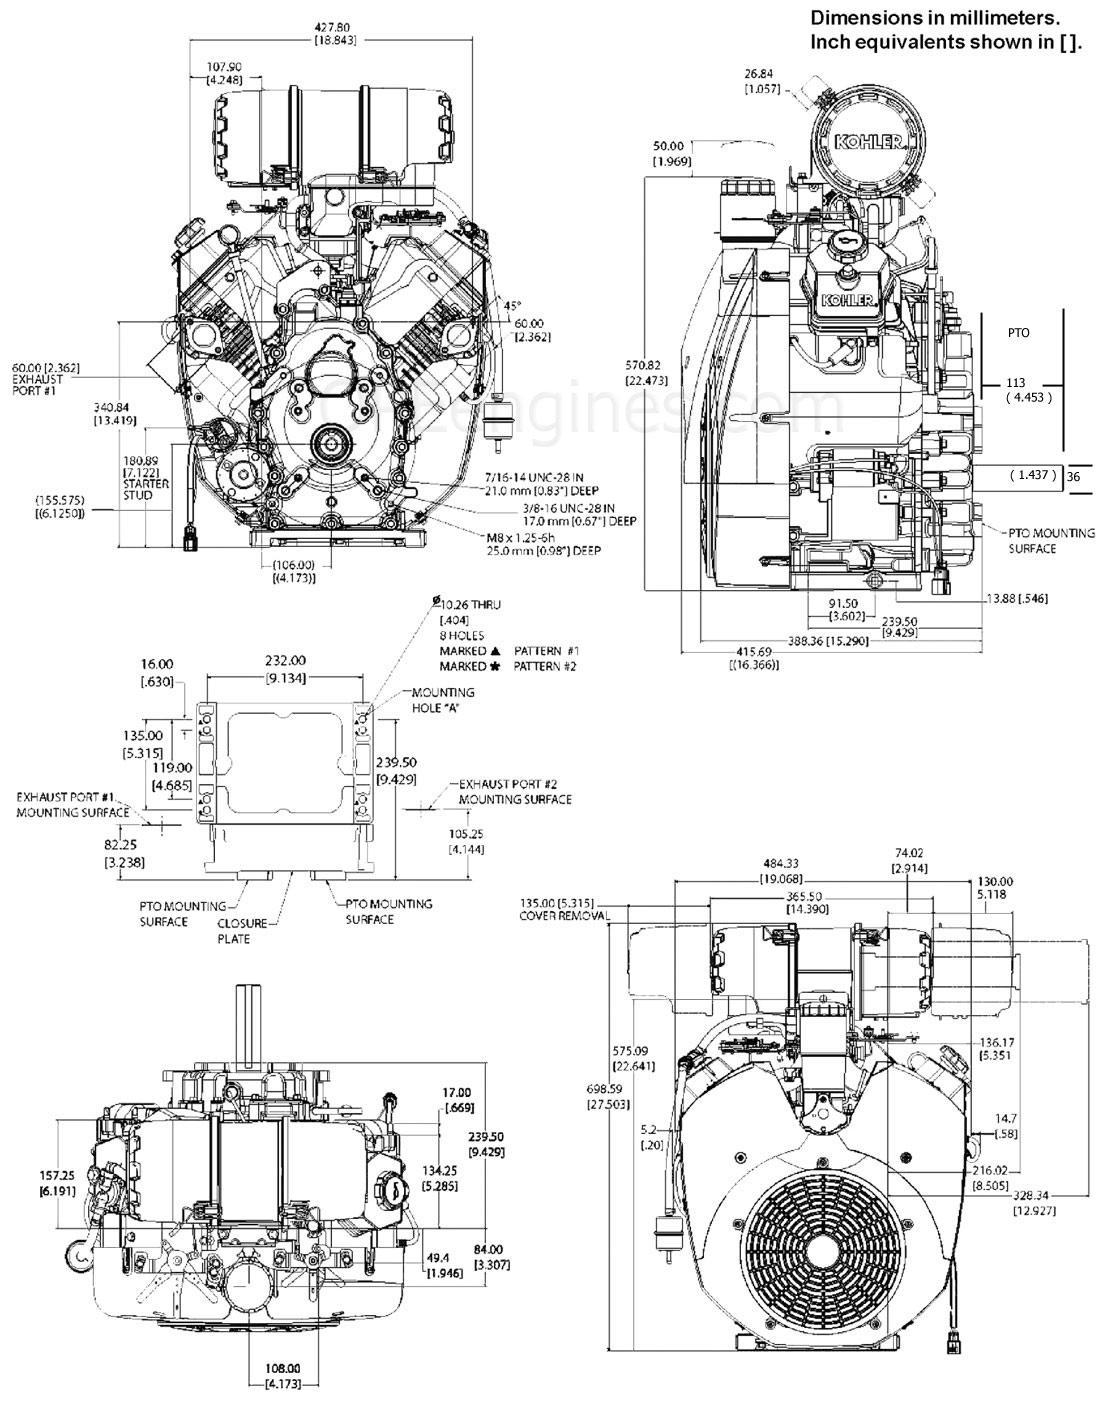 Pleasing 1 4 Hp K321 Kohler Engine Wiring Diagram Basic Electronics Wiring Wiring Cloud Domeilariaidewilluminateatxorg